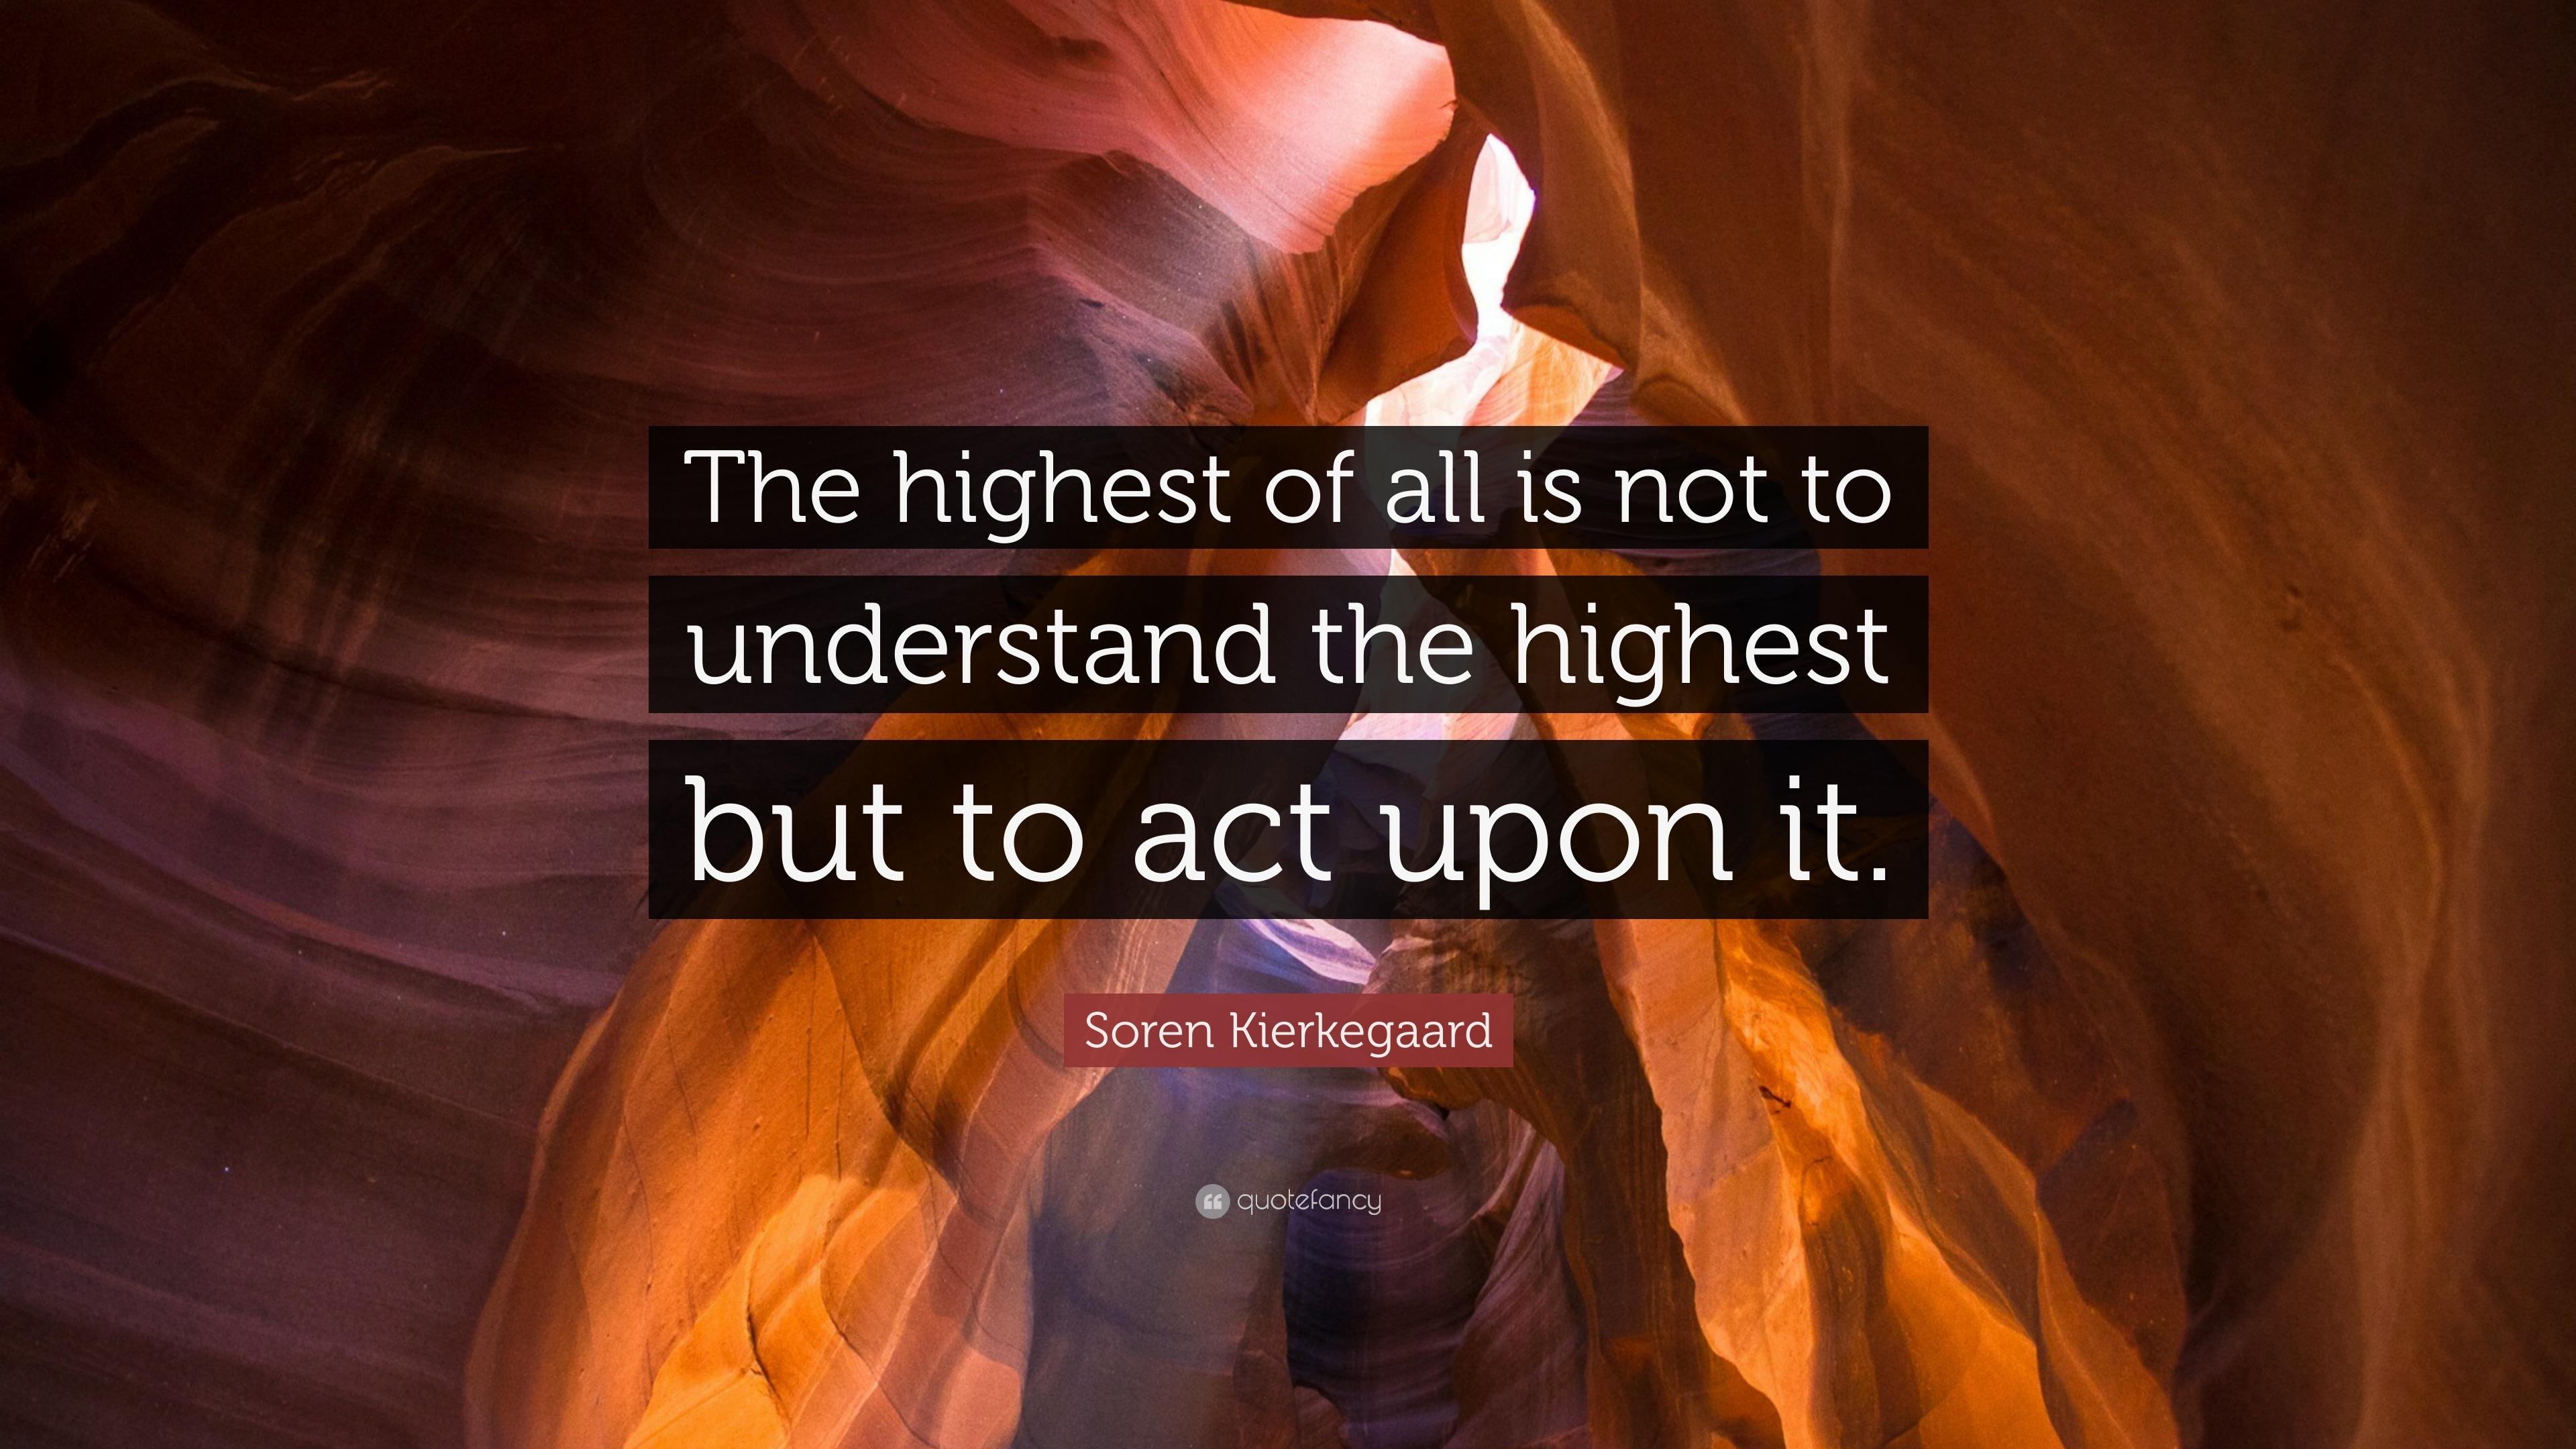 """Soren Kierkegaard Quotes 100 Wallpapers: Soren Kierkegaard Quote: """"The Highest Of All Is Not To"""